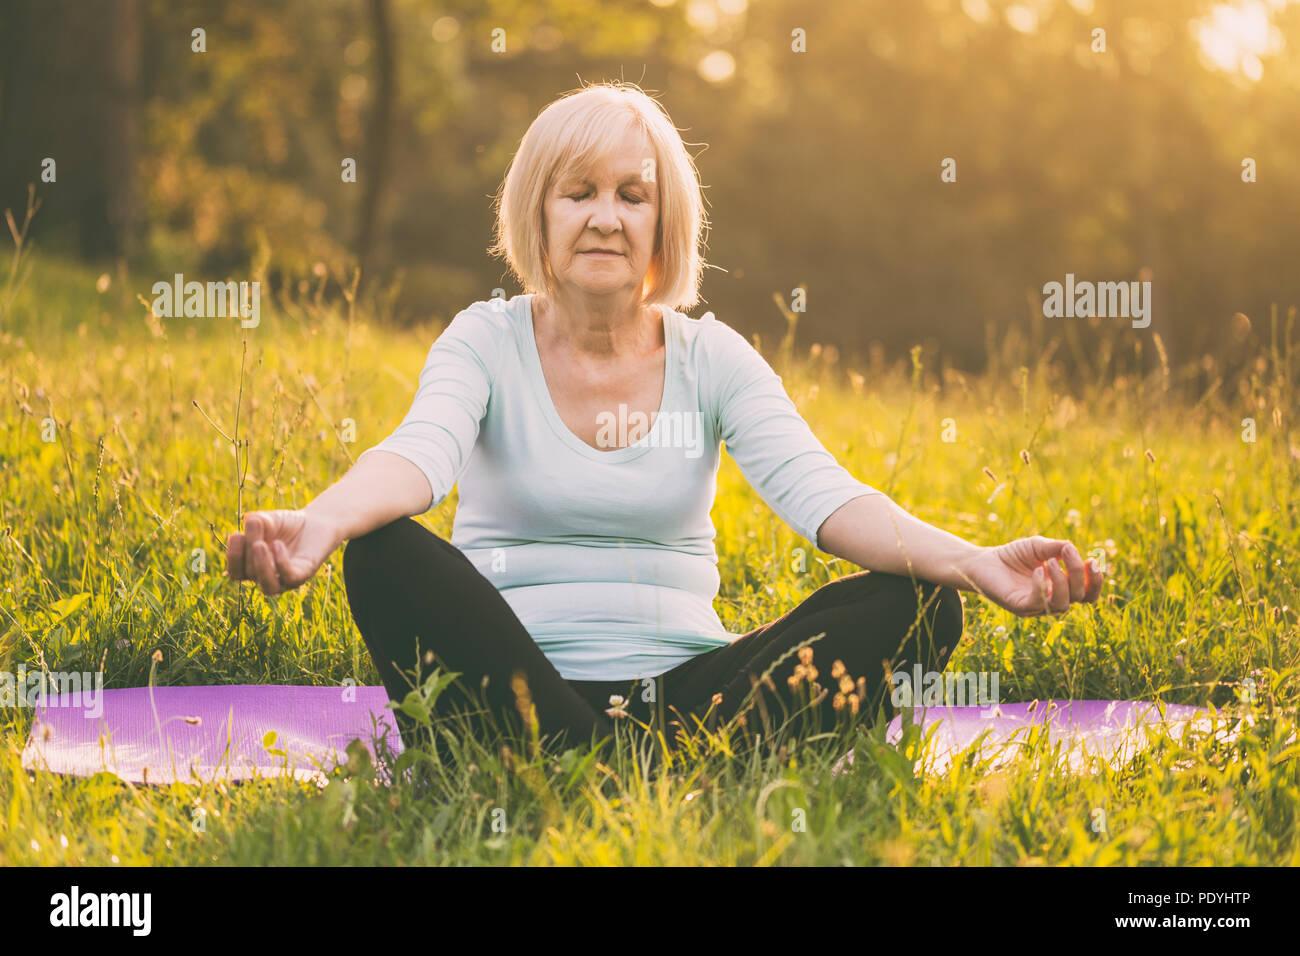 Senior mujer disfruta meditando en la naturaleza.Imagen es intencionalmente tonificado. Imagen De Stock